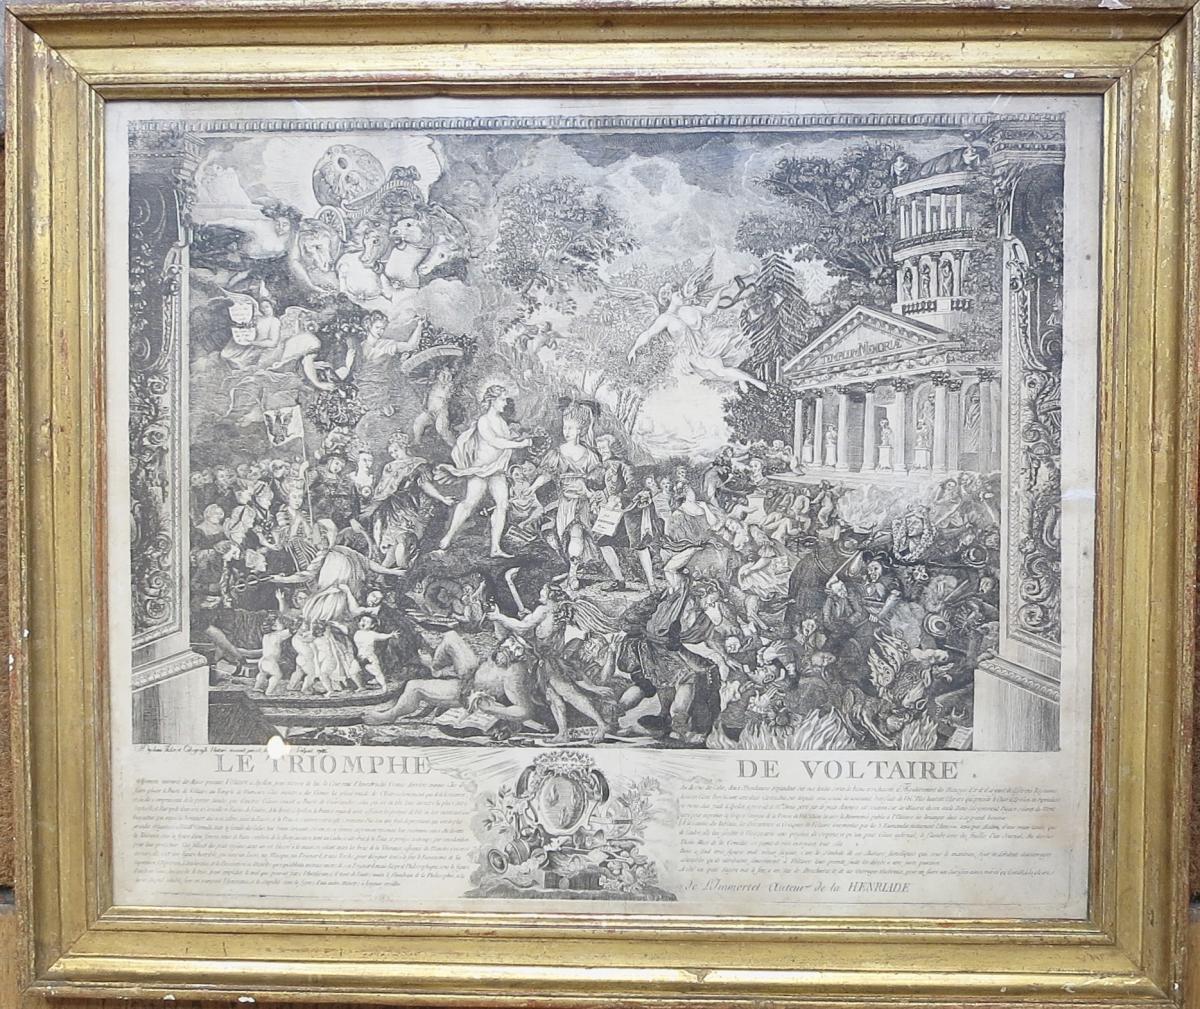 Duplessis, Le Triomphe De Voltaire, Eau-forte, 1786